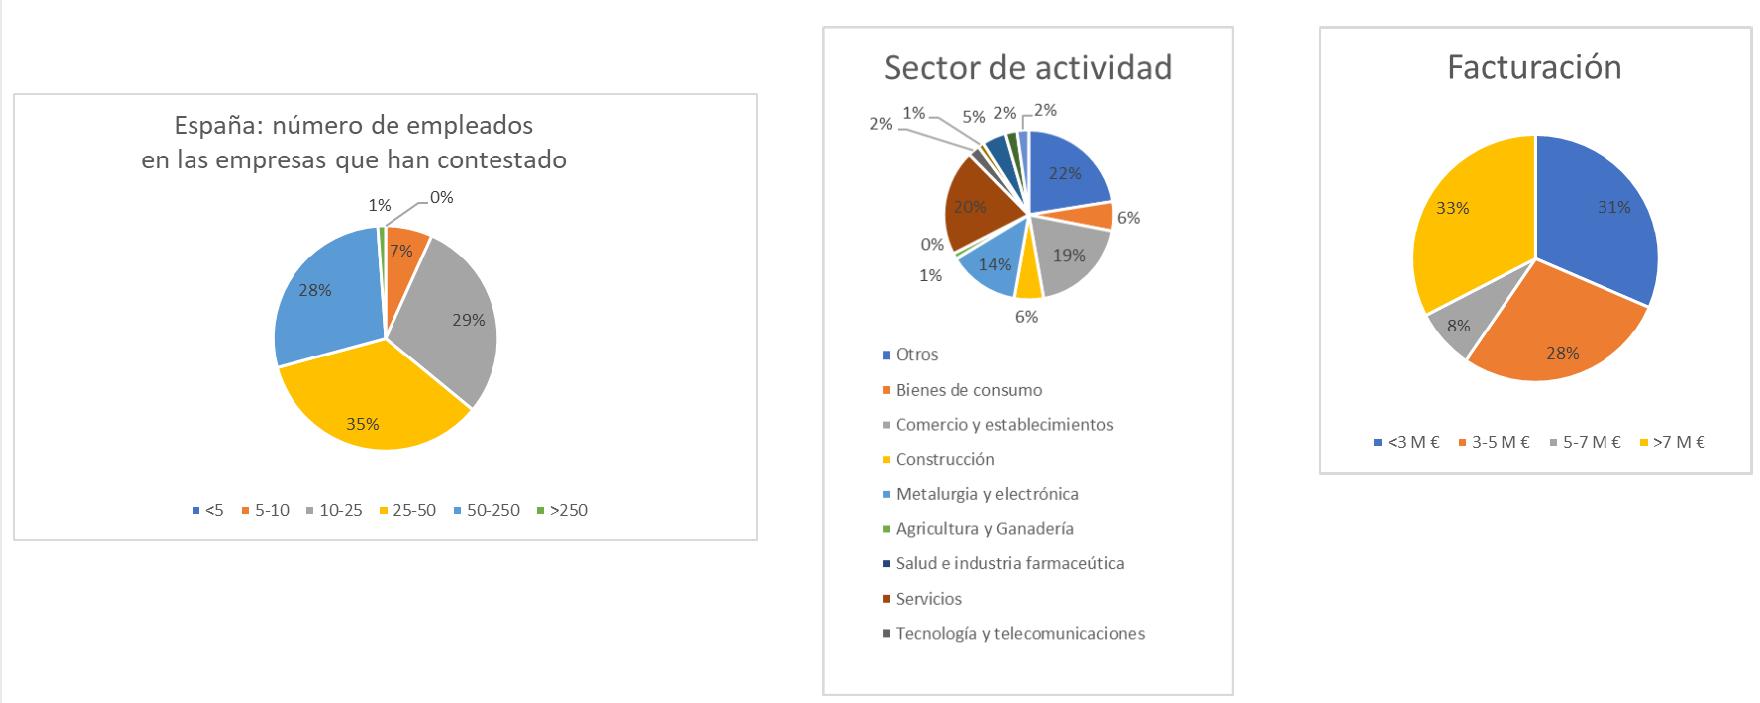 Número de empleados, Sector de Actividad y Facturación